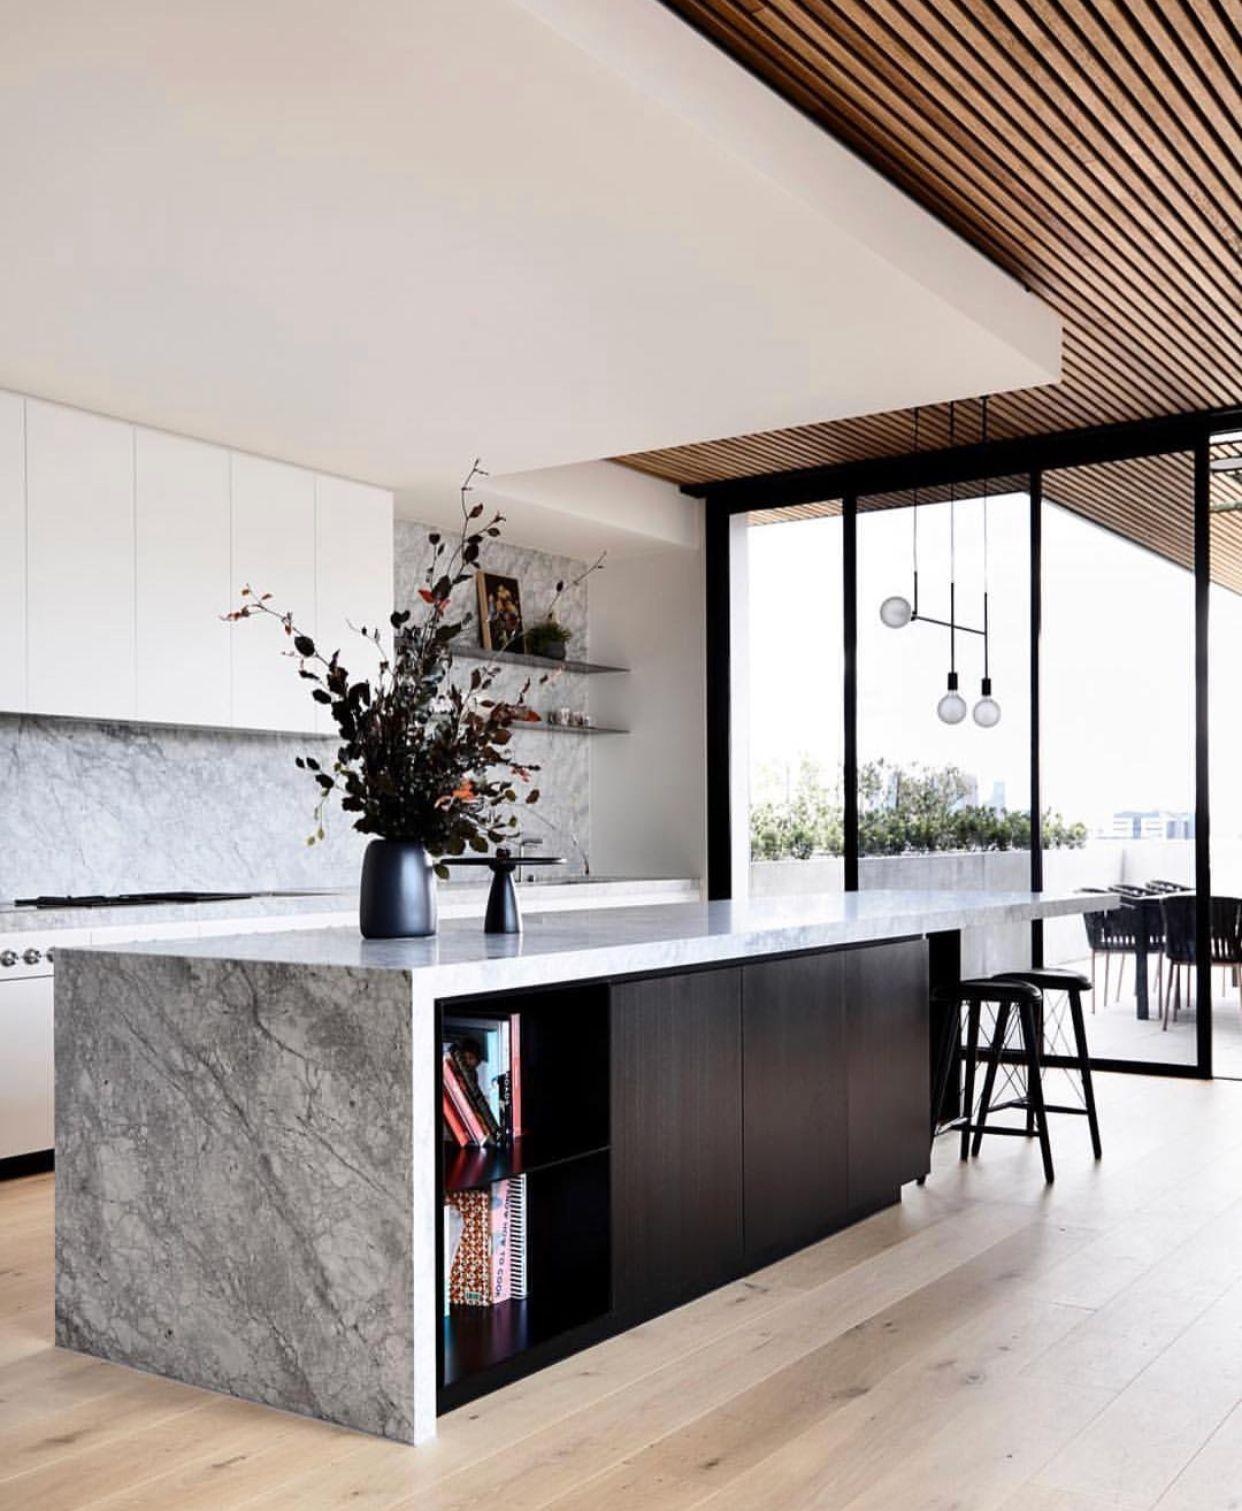 Pinterest namchaz 🇳🇵 Minimalist kitchen design, Modern